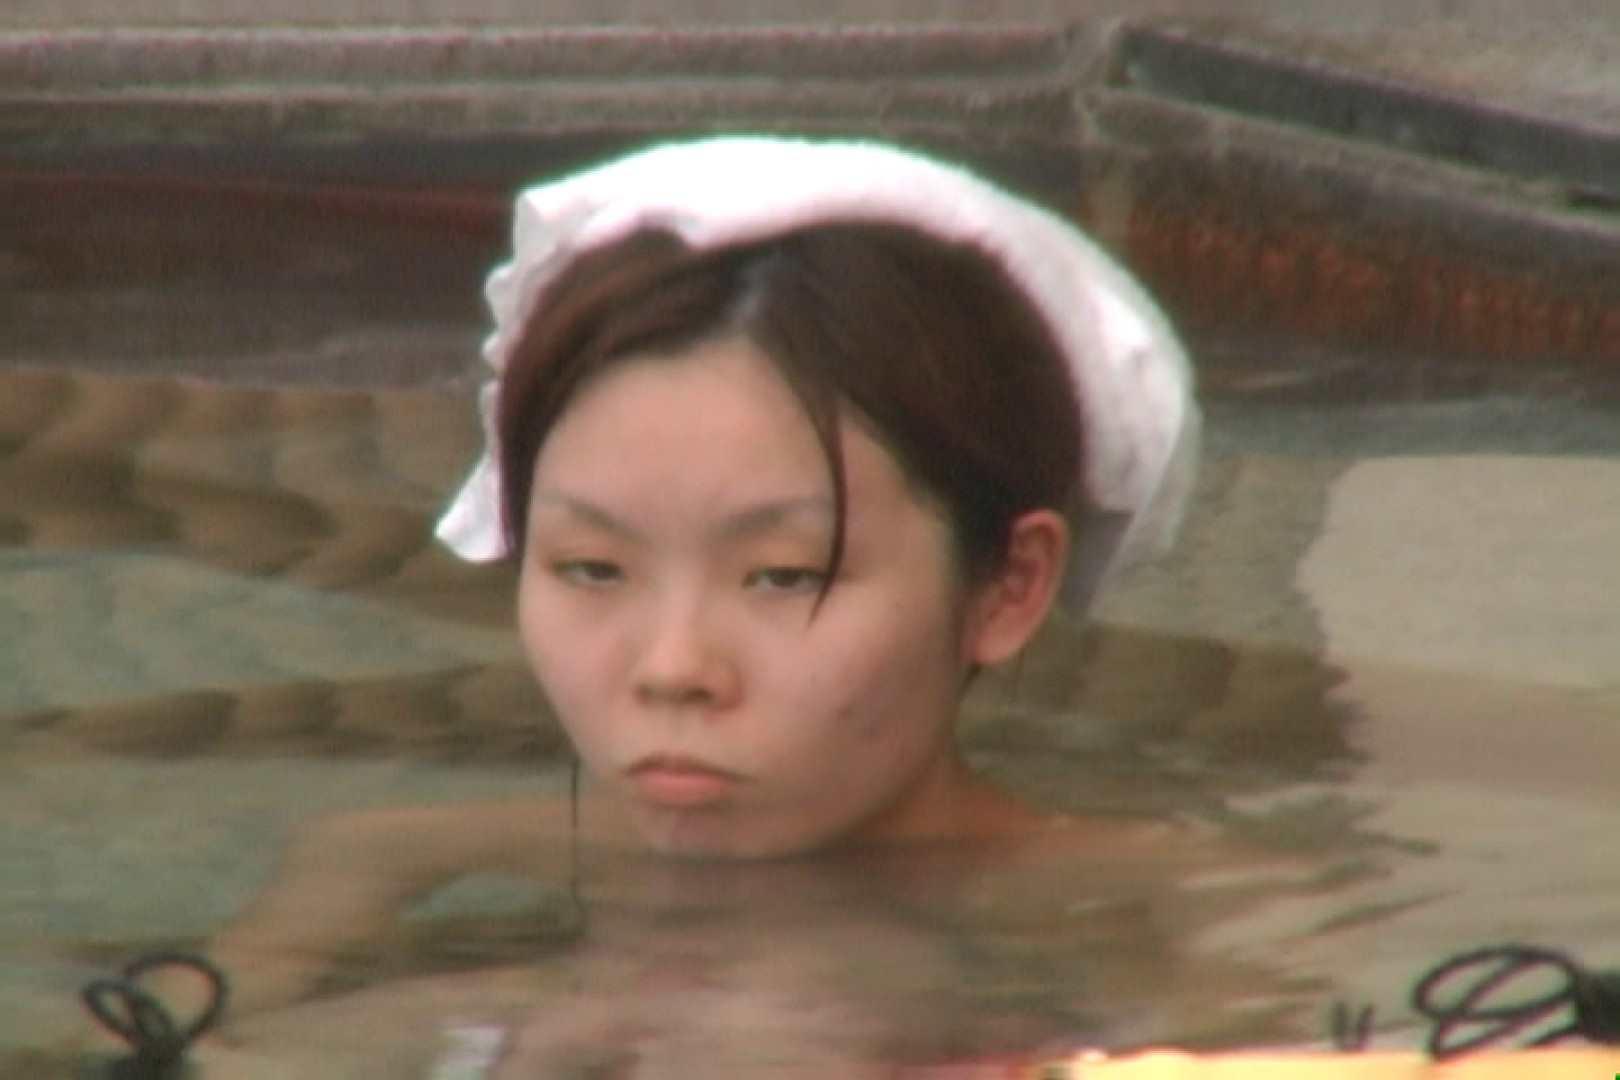 Aquaな露天風呂Vol.580 0   0  103pic 11